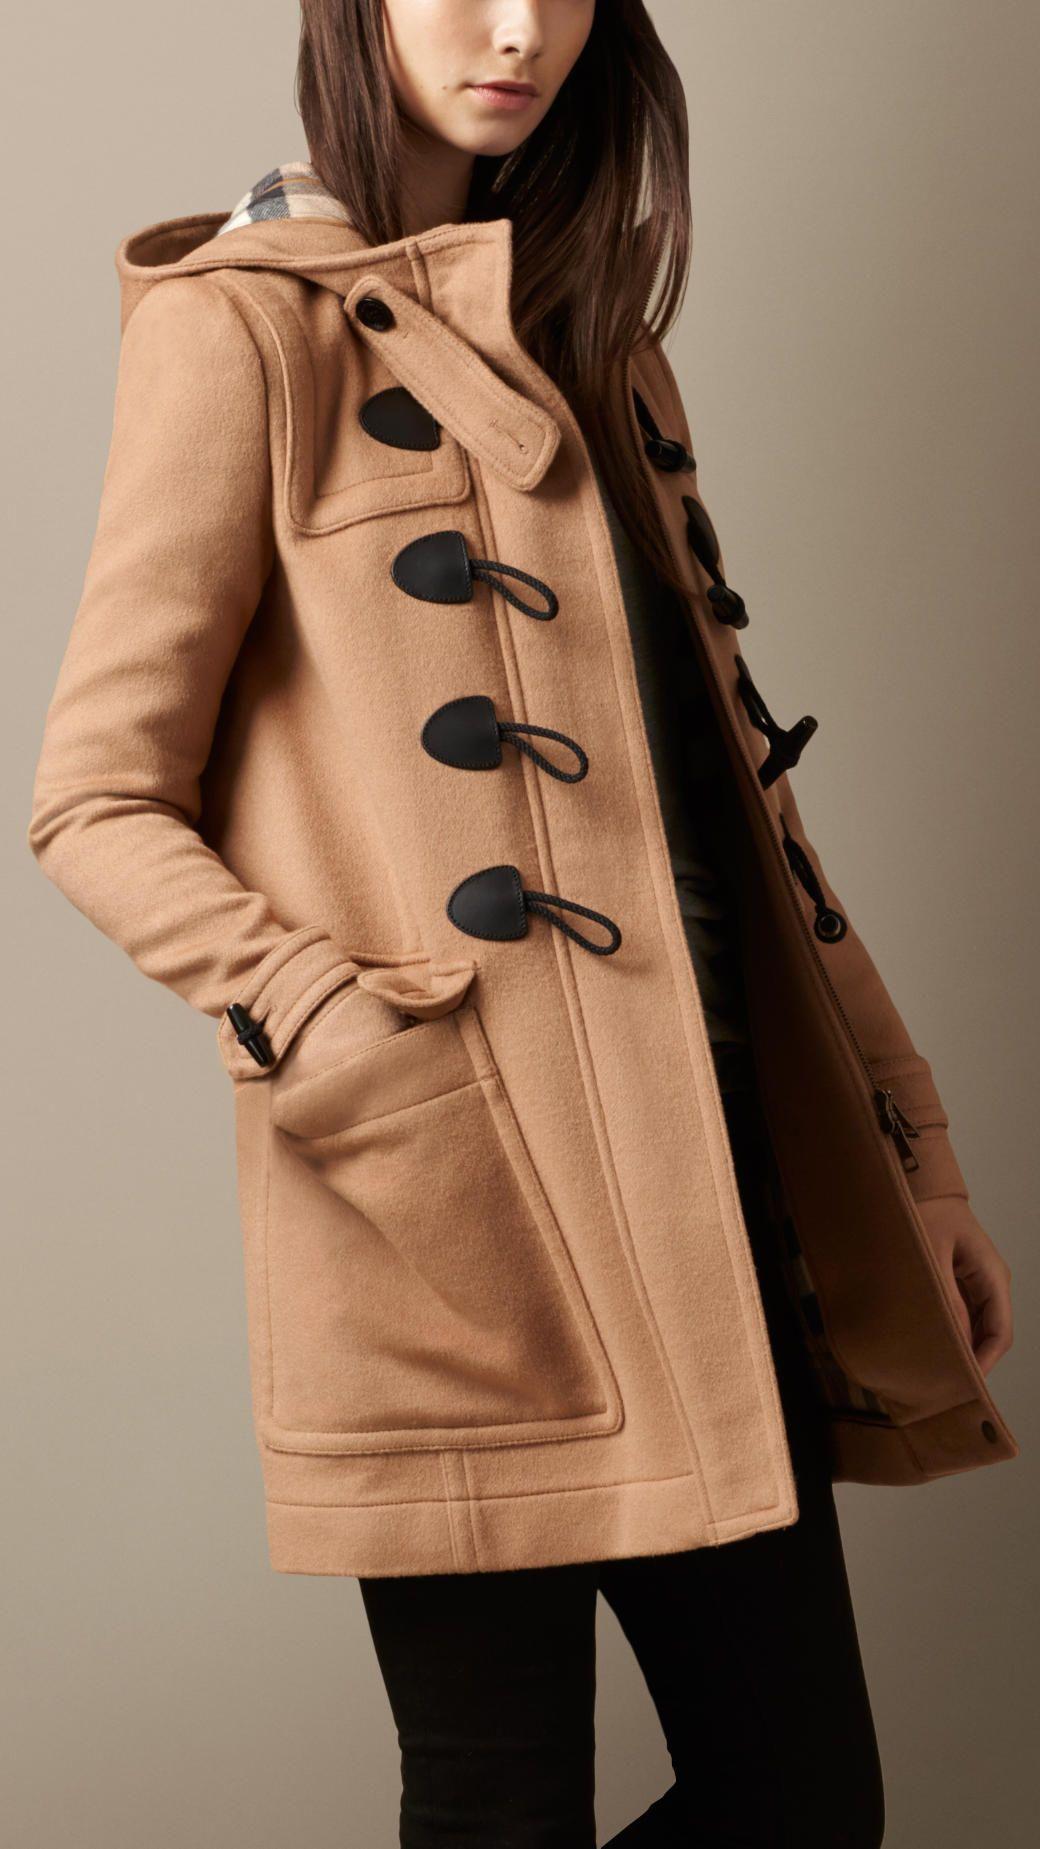 de356b80ef0e Manteaux pour femme   Burberry   Mode Femme